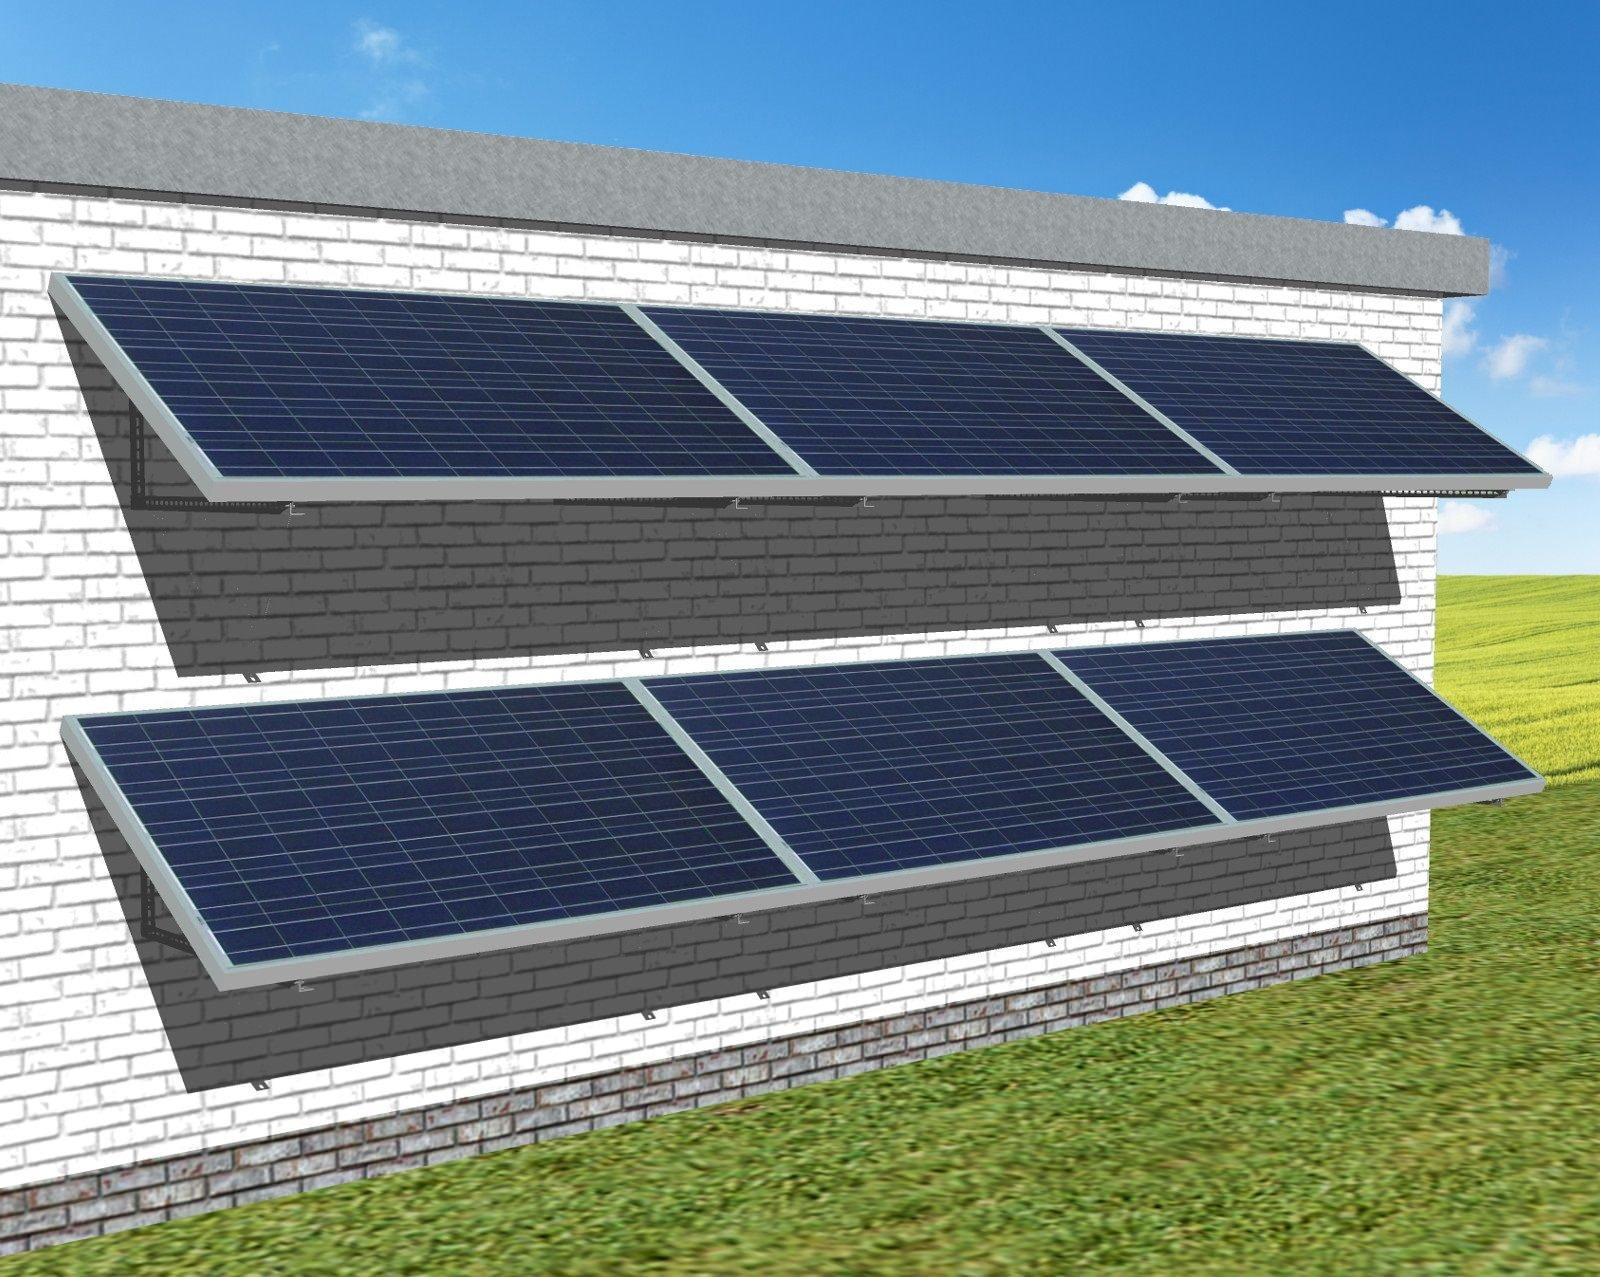 myCleantechSolarPower™ Solaranalage Fassade oder Carport mit 6 Pannels - Musterbild